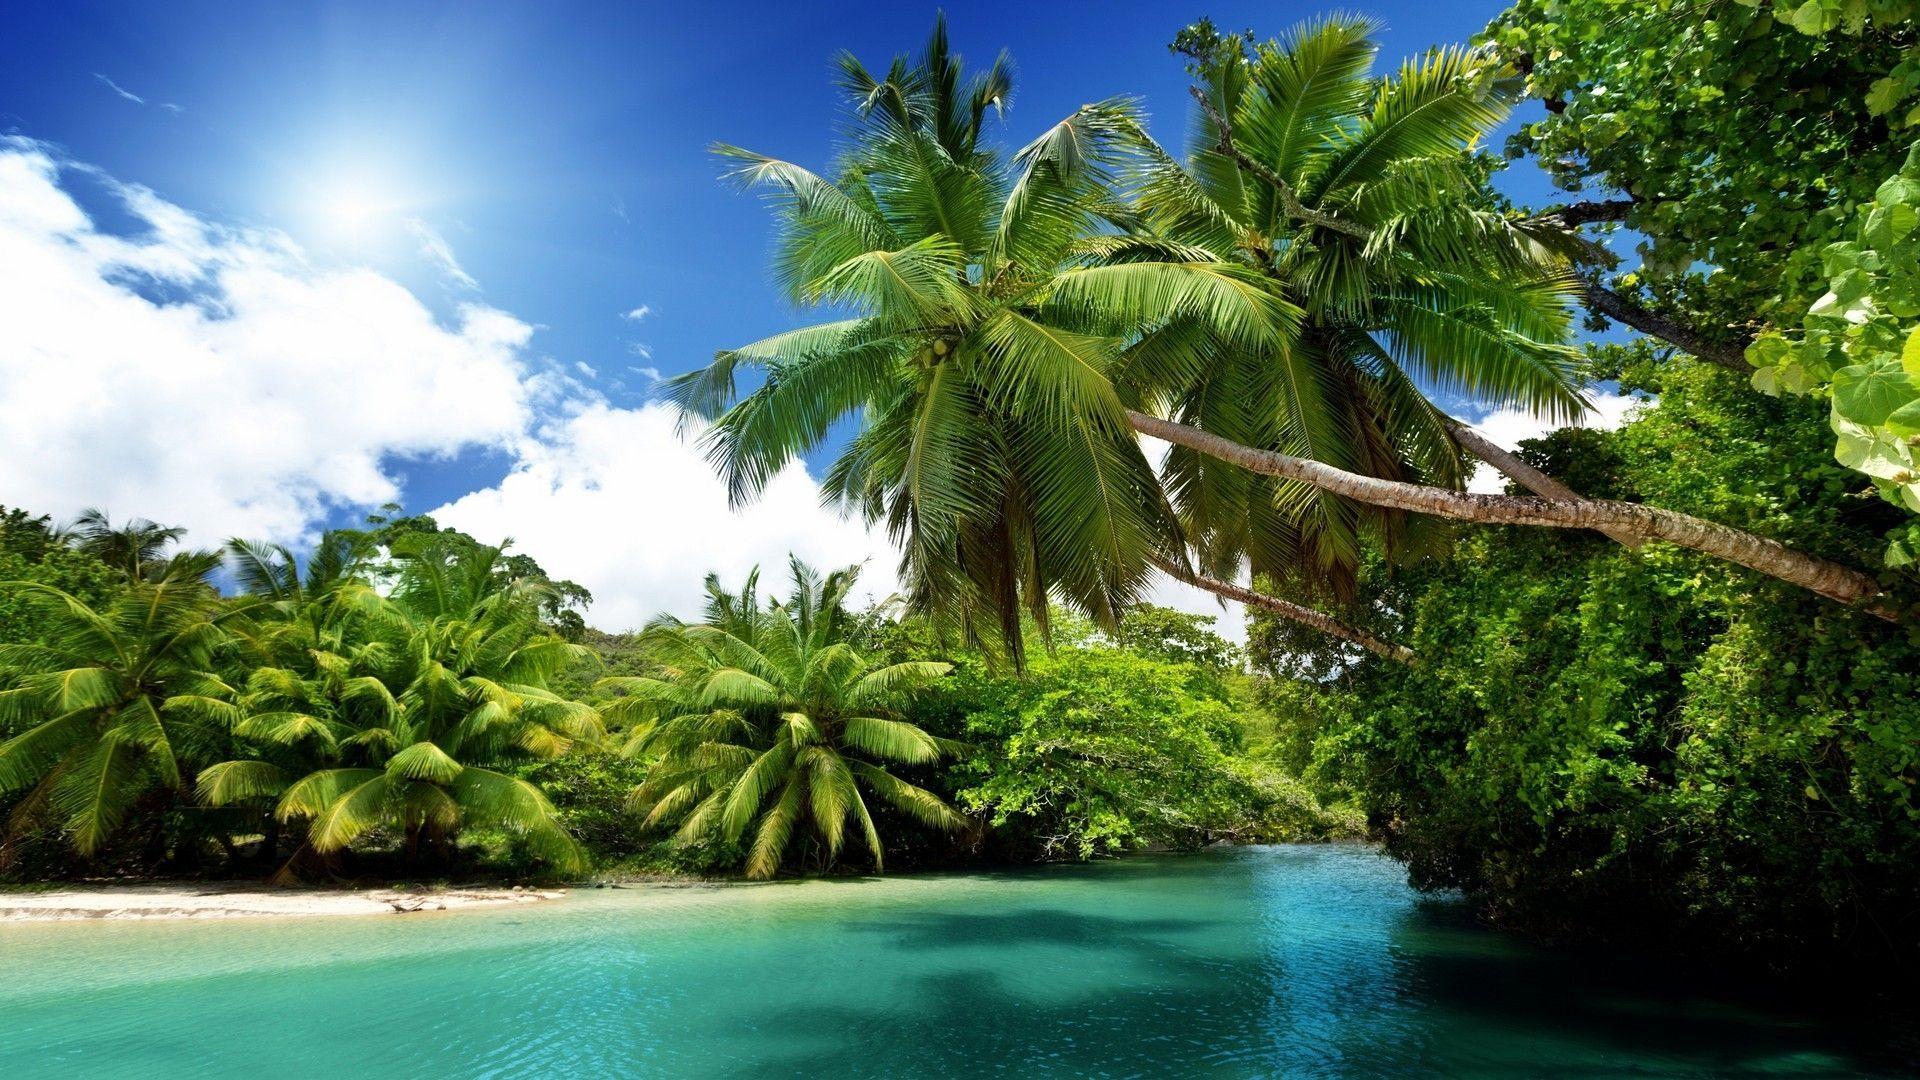 Caribbean desktop wallpaper download